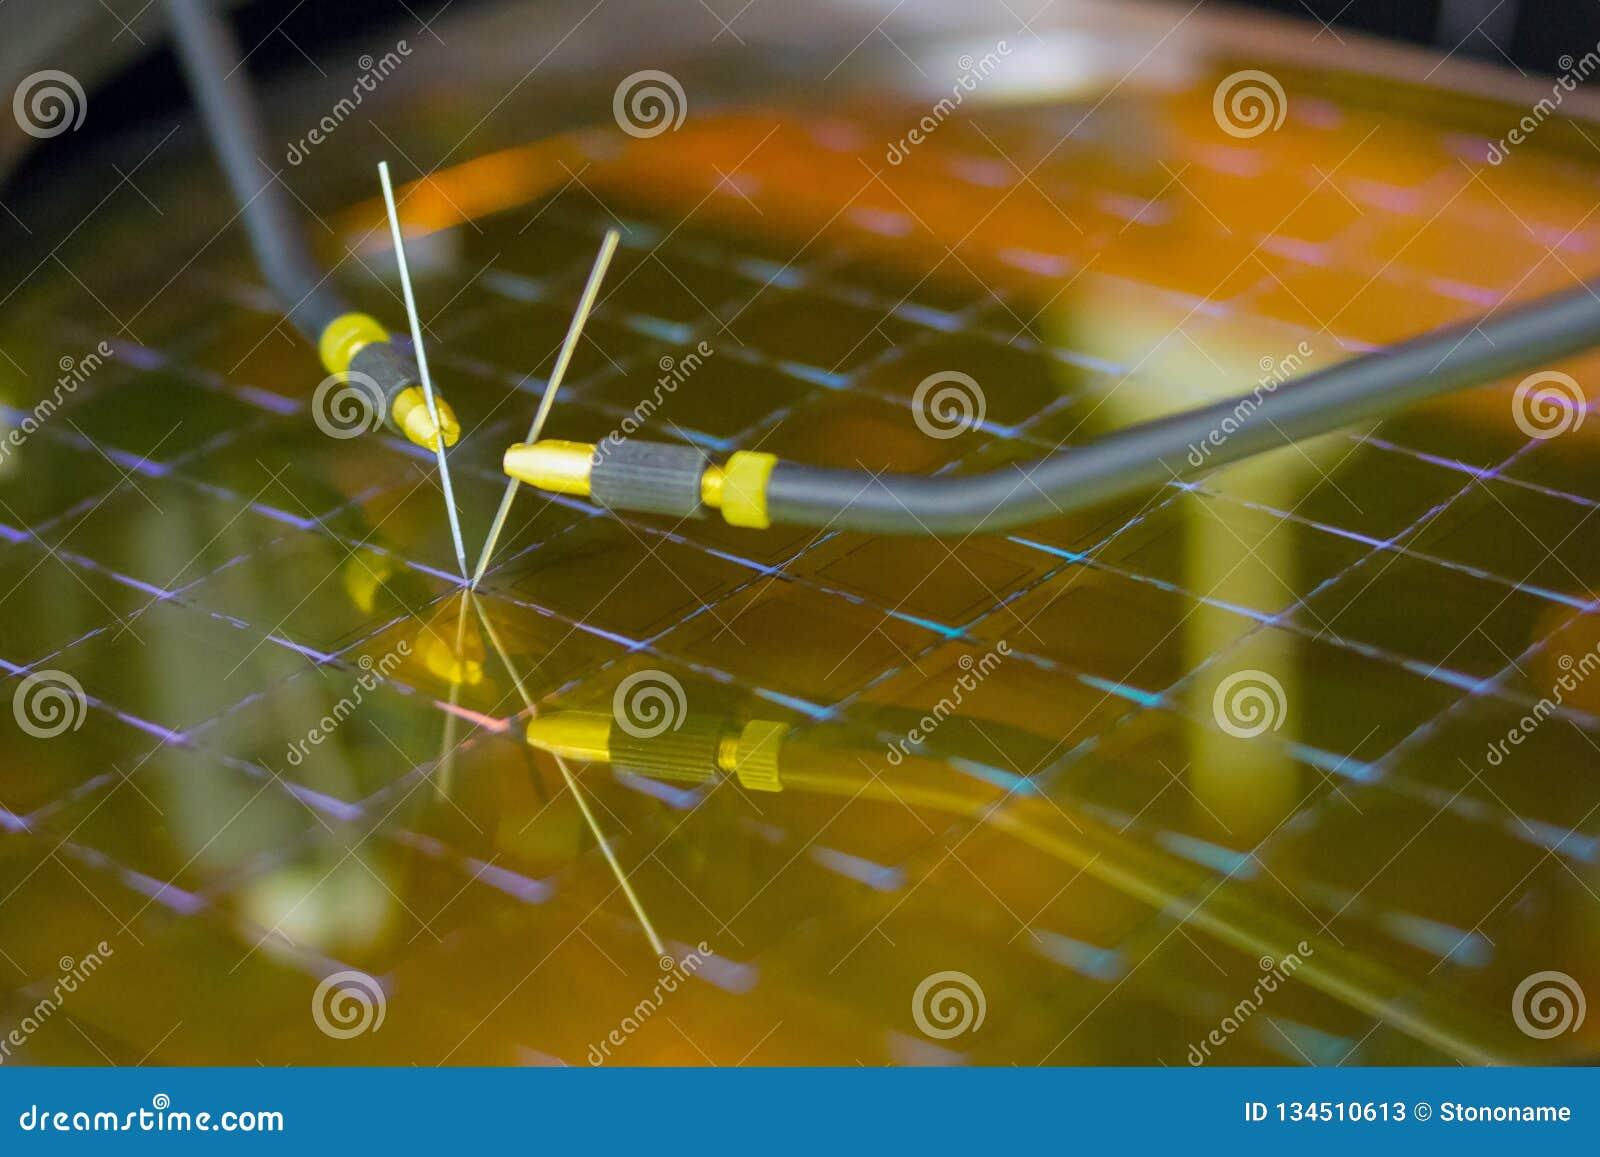 Controllando i microchip sulla lastra di silicio con la stazione della sonda Microelecronics